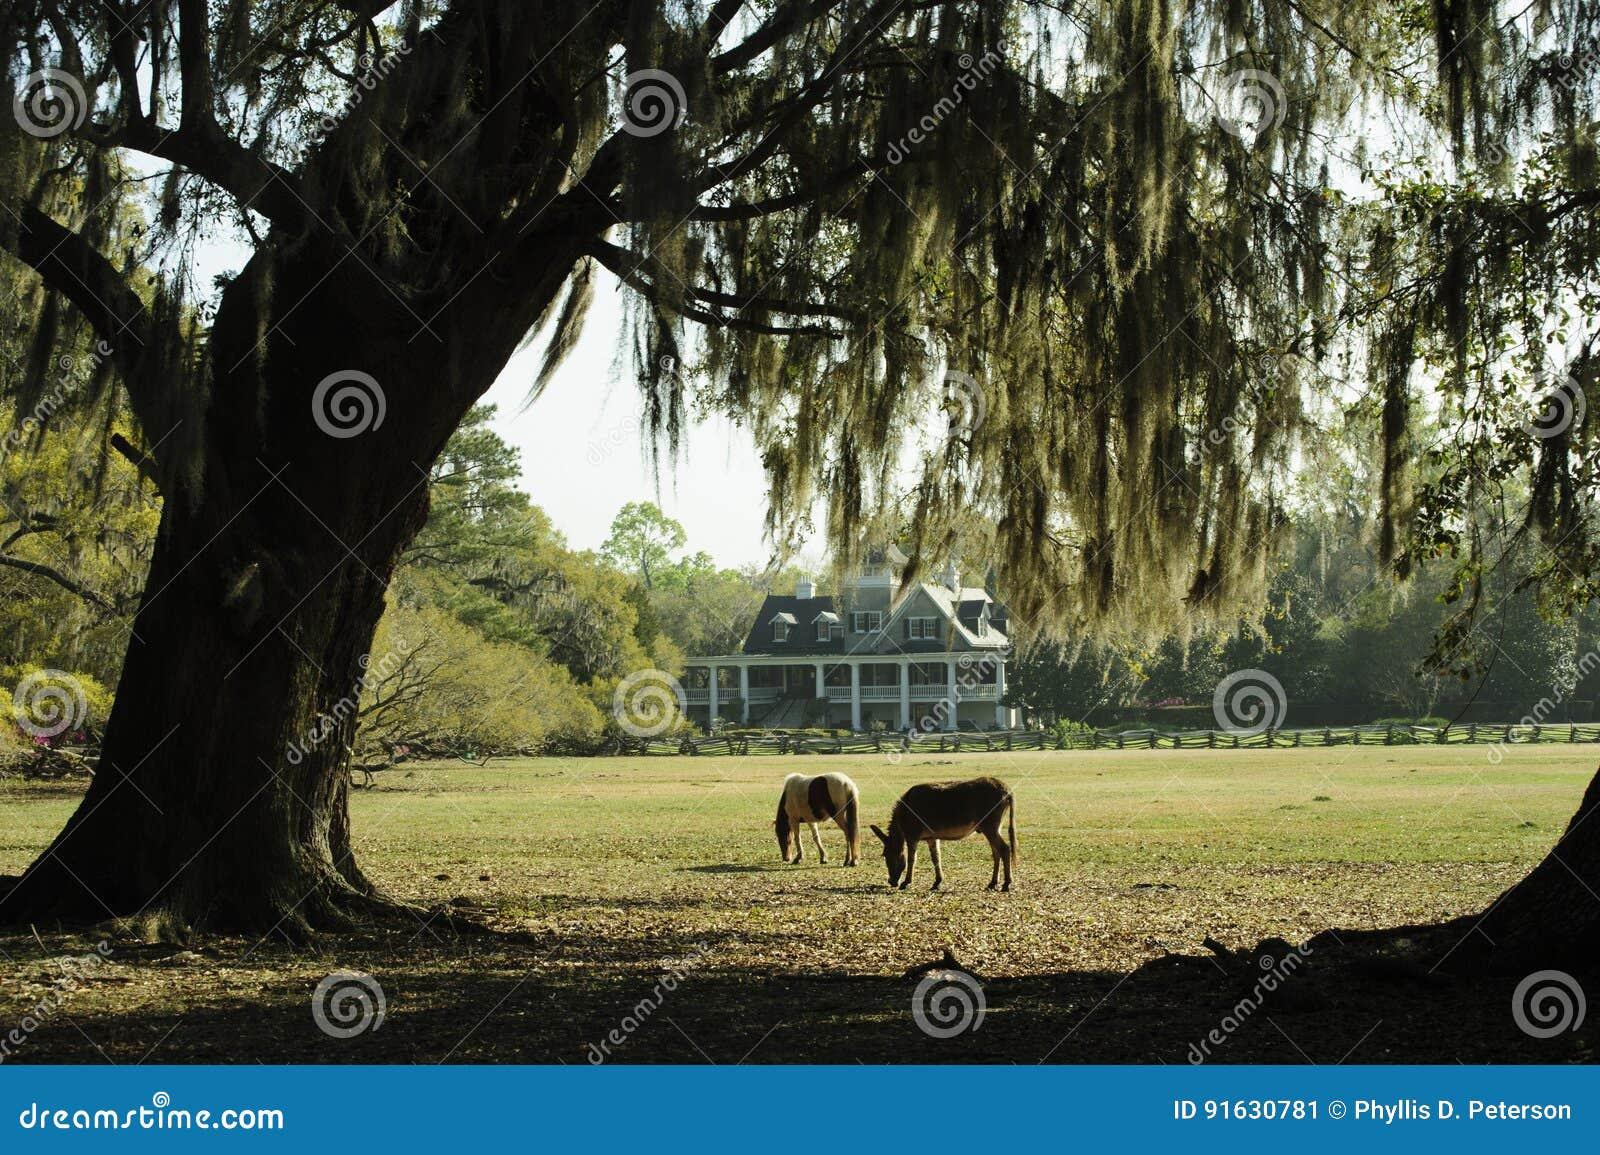 Zwei Pferde Lassen In Einem Südlichen Garten S Mit Live Oak Trees